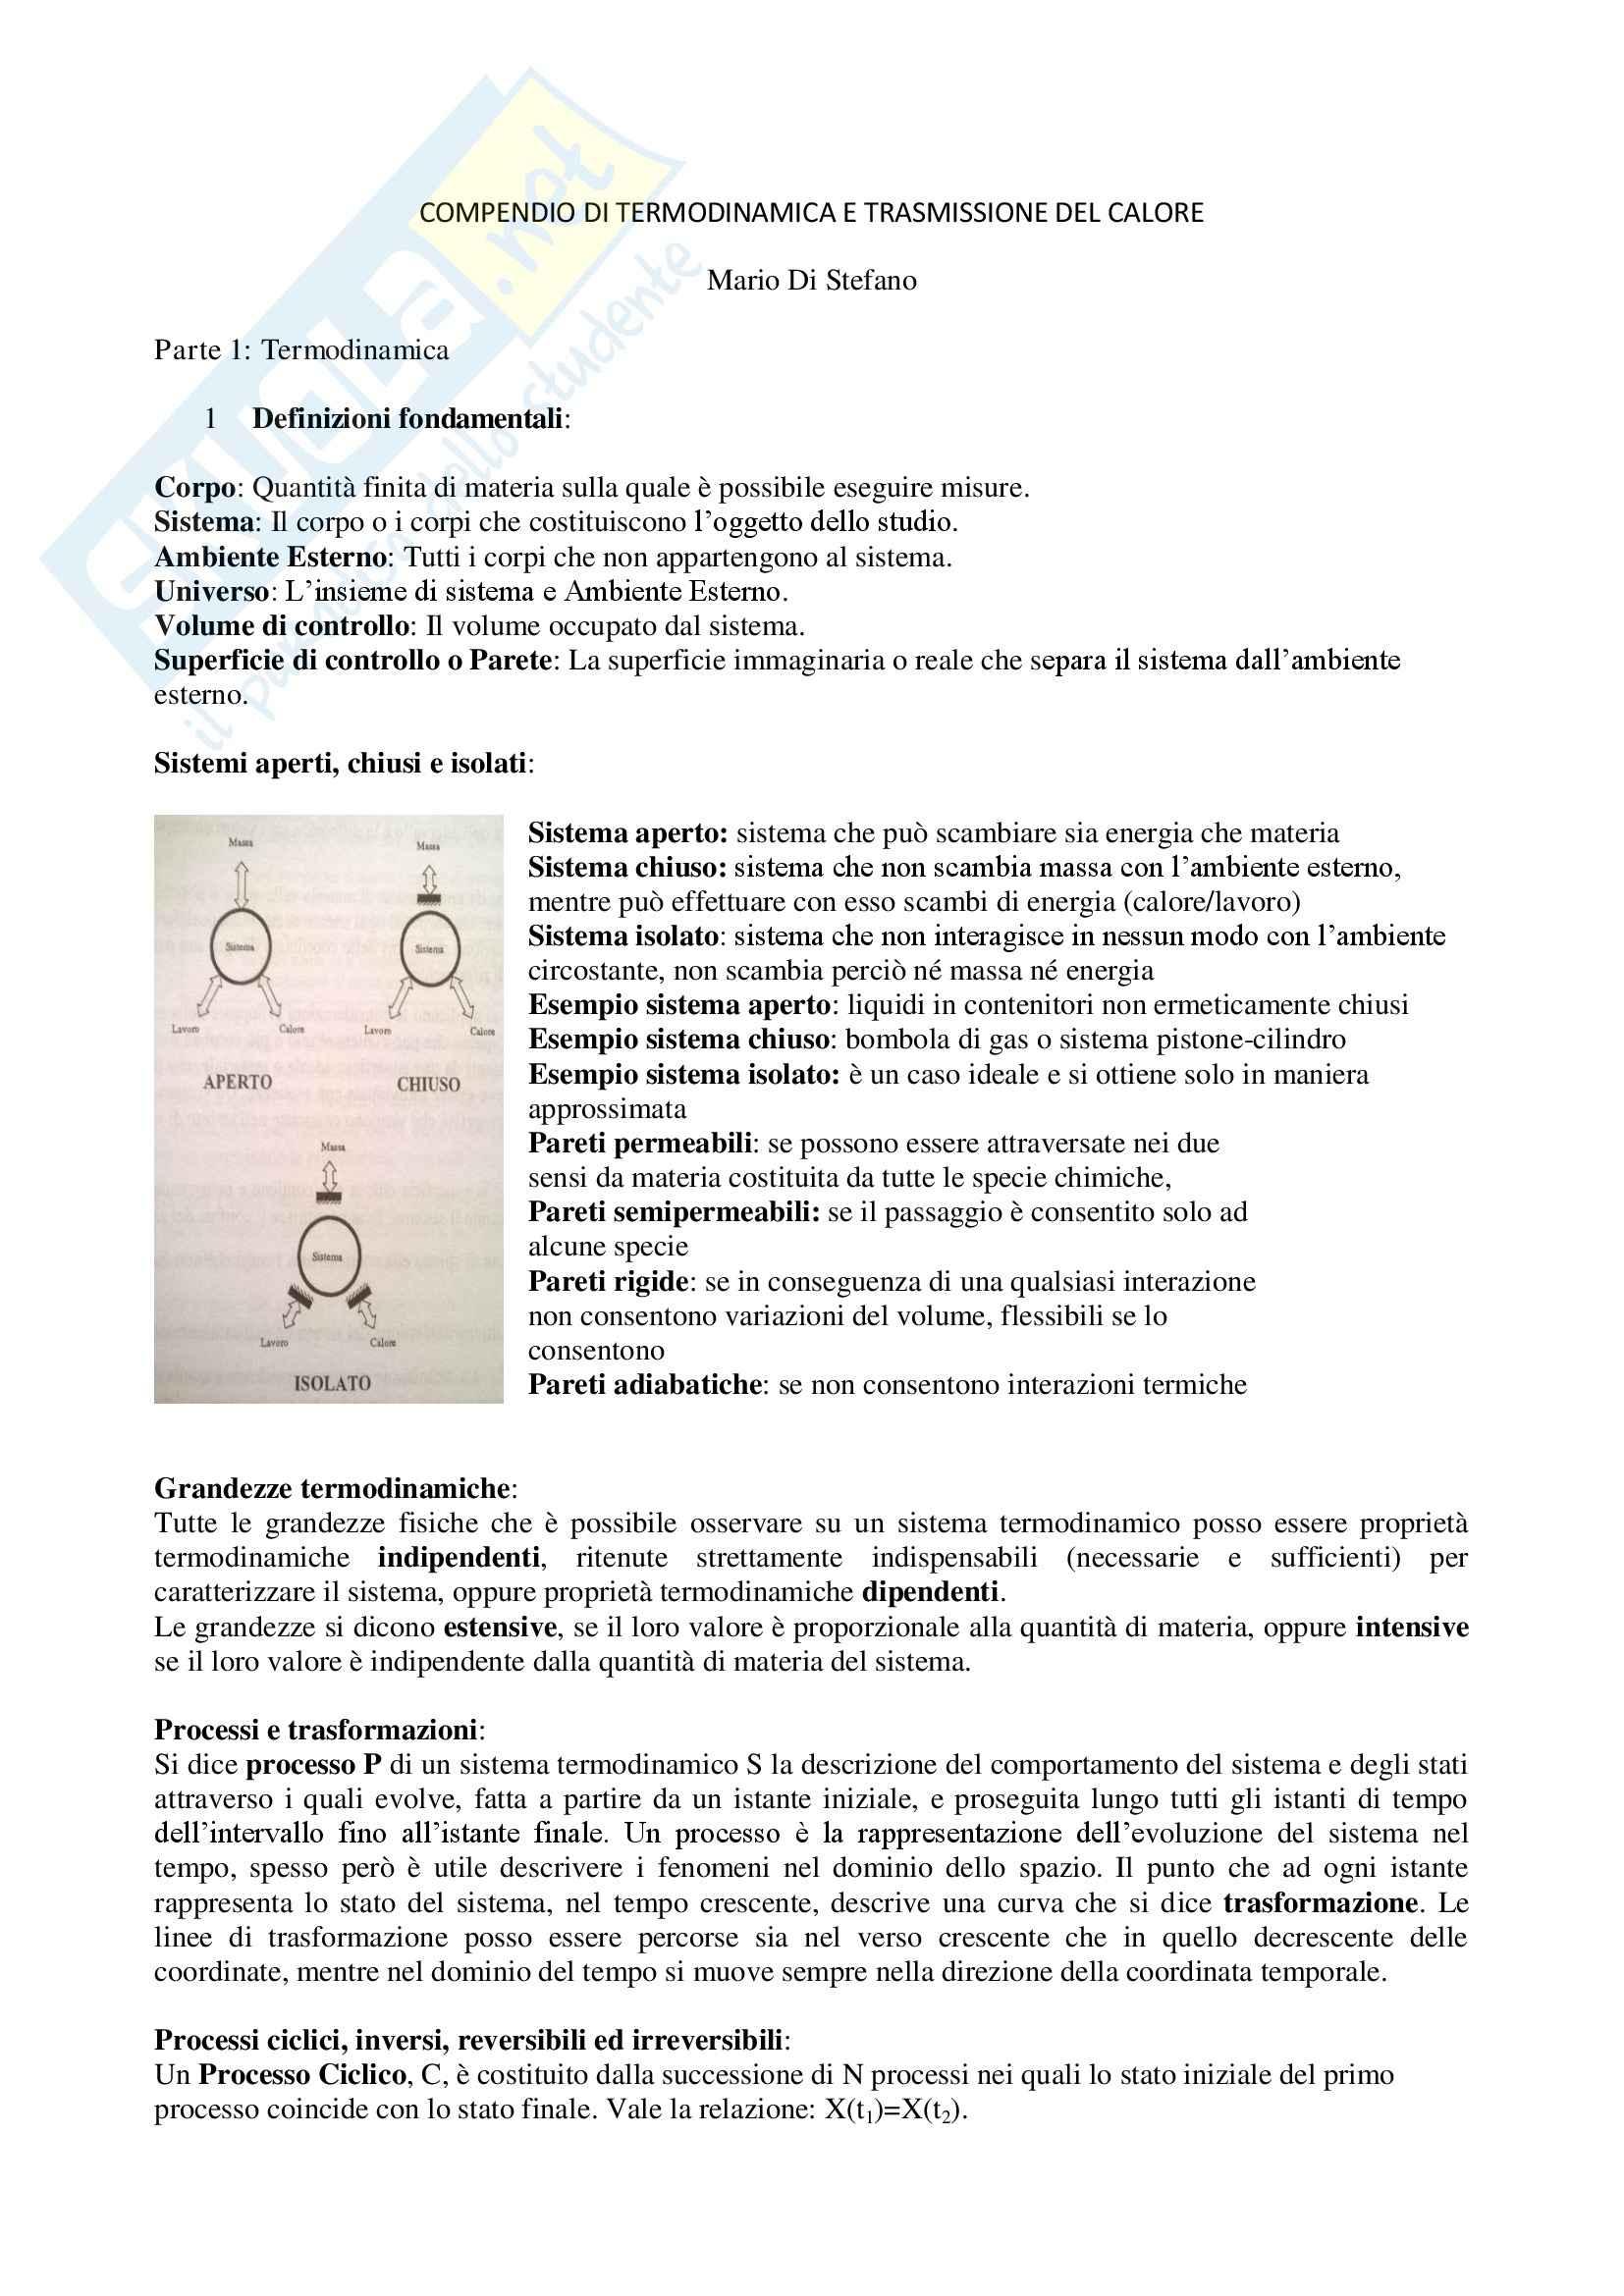 Riassunto esame Termodinamica con temi d'esame e domande orale, prof. Borchiellini